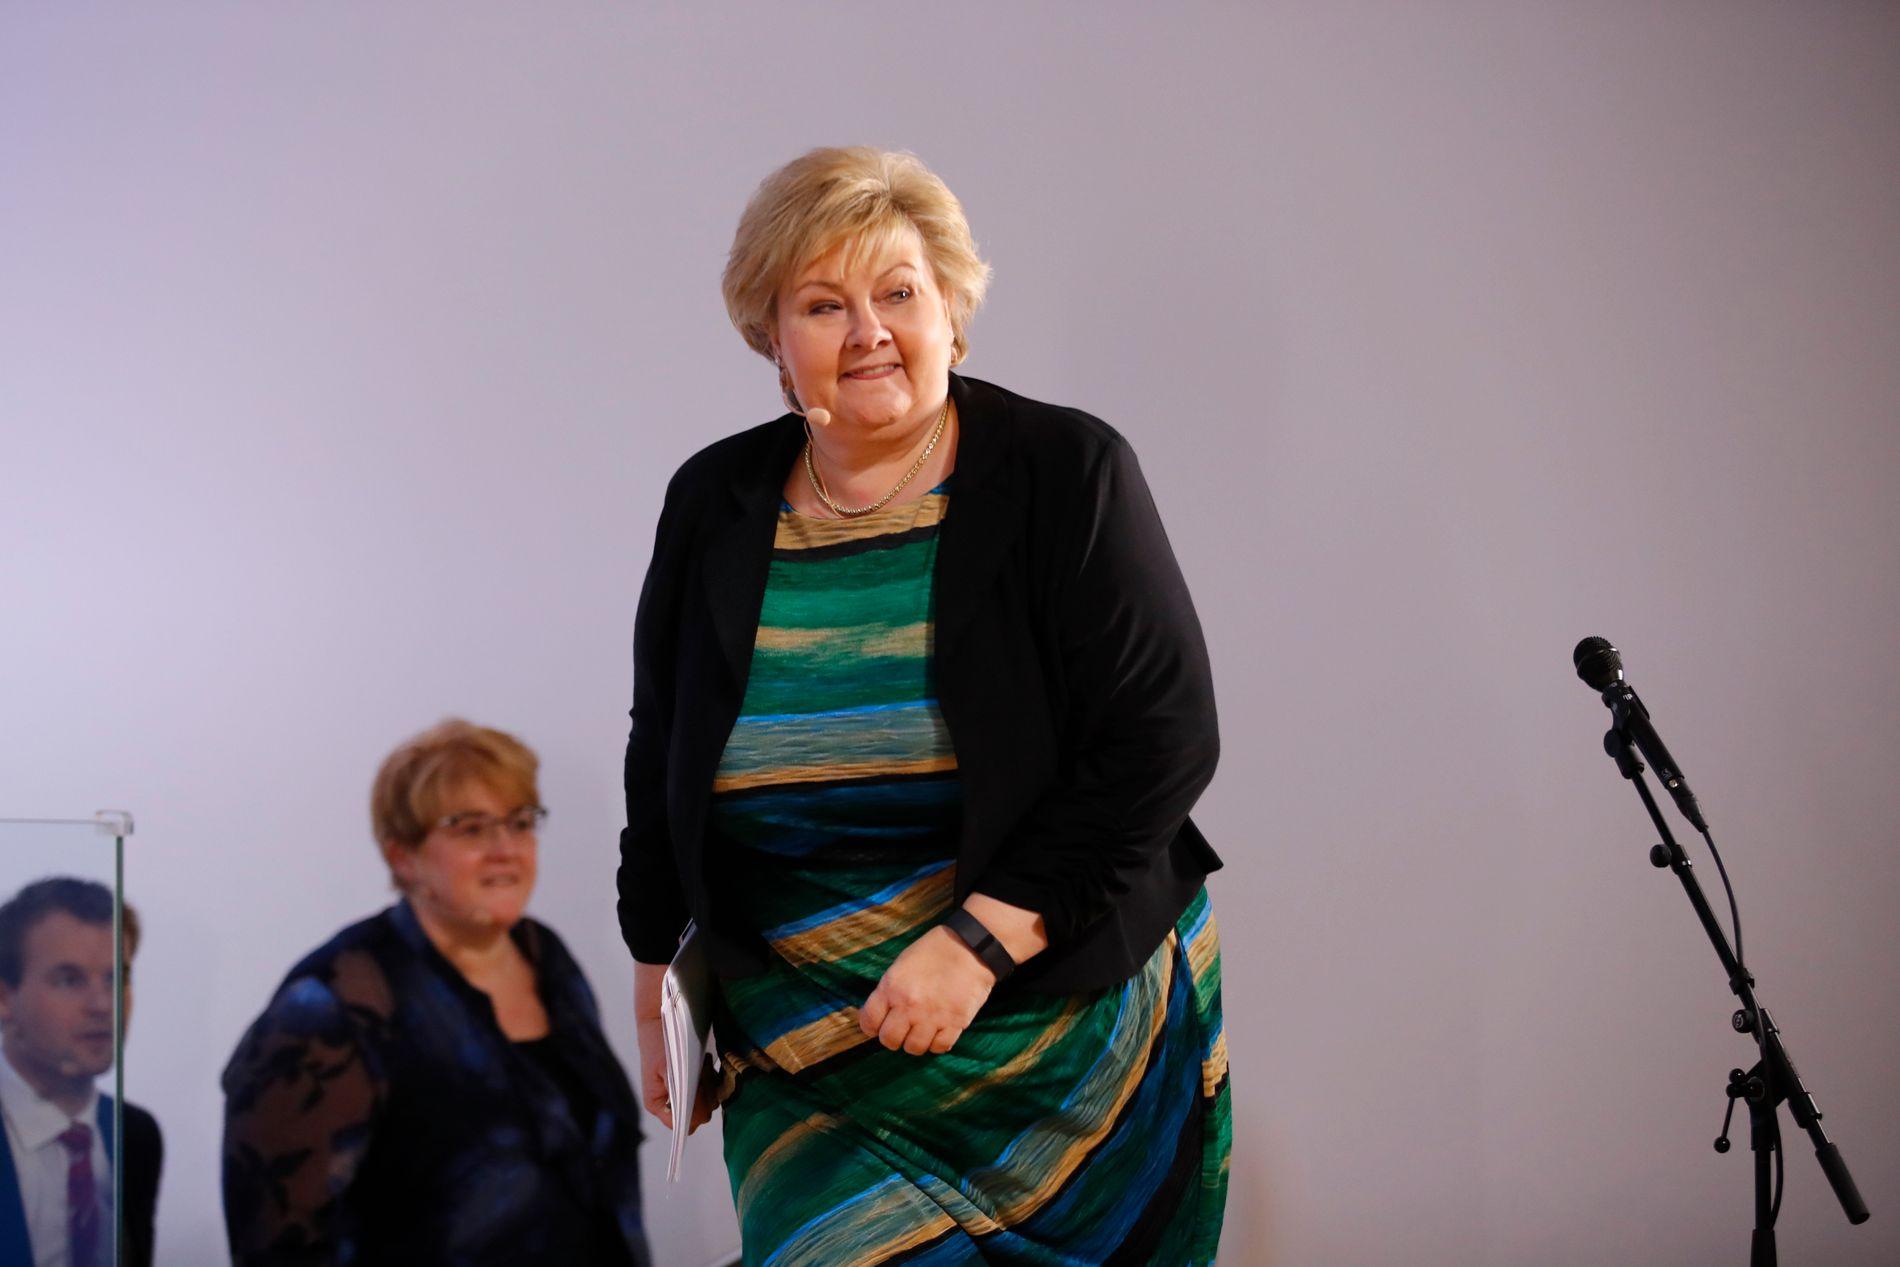 MØTTE PRESSEN: Onsdag holdt statsminister Erna Solberg, Venstre-leder Trine Skei Grande, finansminister Siv Jensen og , Kjell Ingolf Ropstad (KrF) og Klima- og miljøminister Vidar Helgesen pressekonferanse om klimagassutslippene.